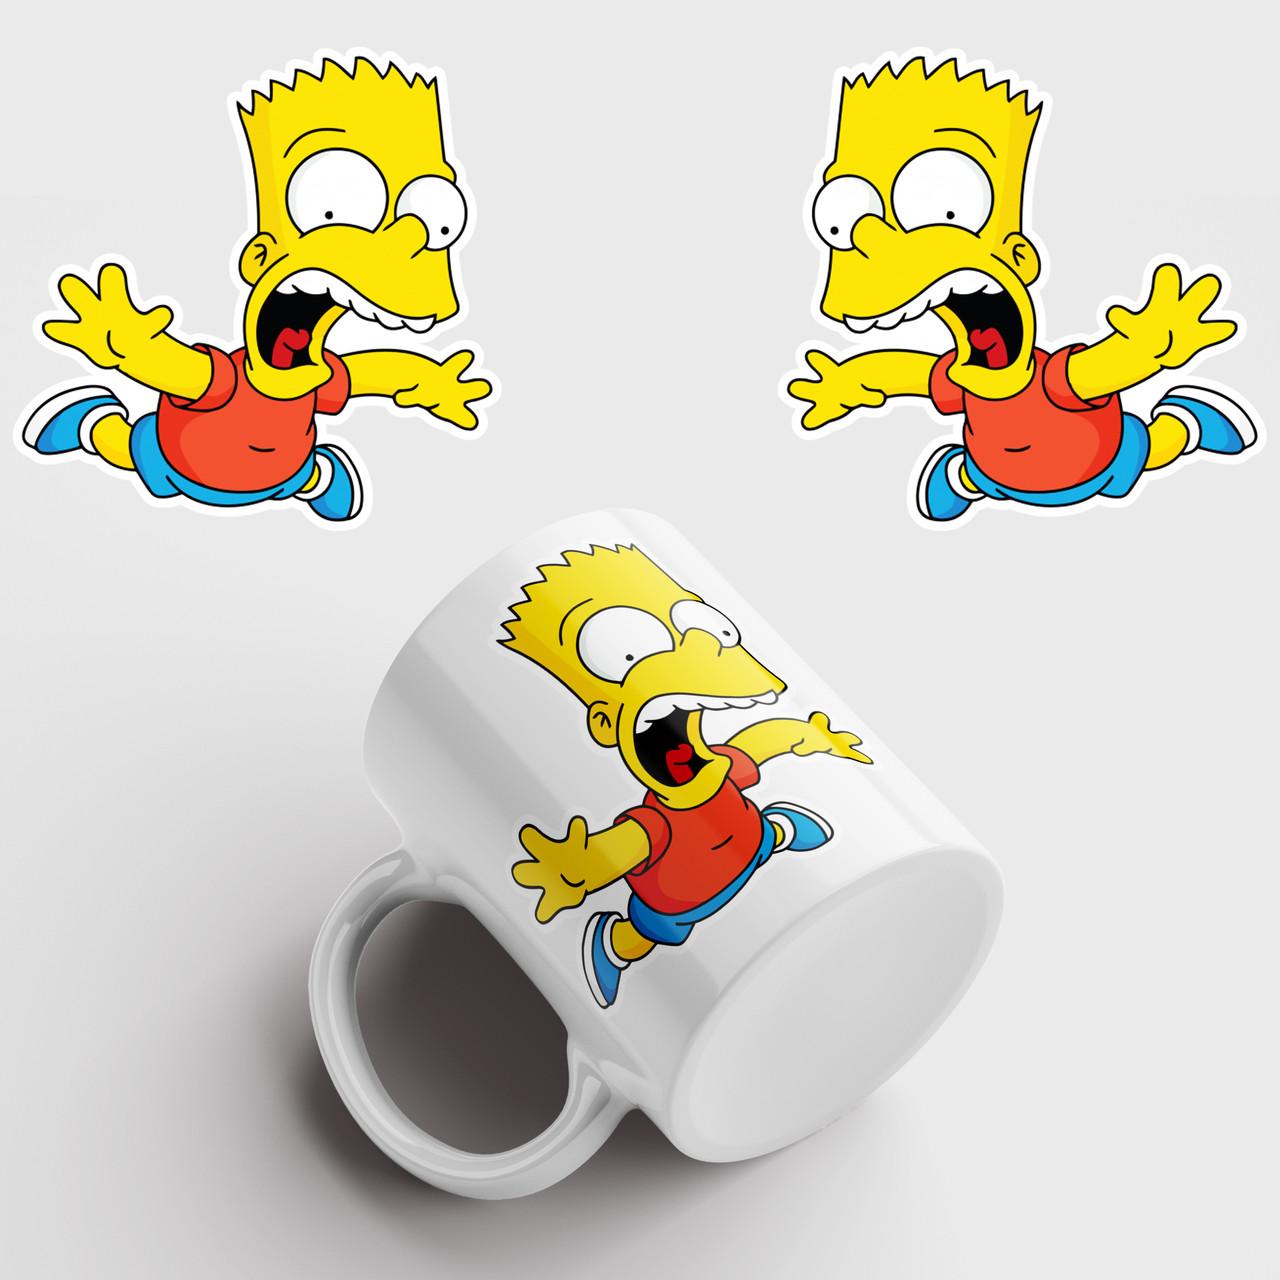 Кружка с принтом Барт Симпсон. Bart Simpson. Чашка с фото